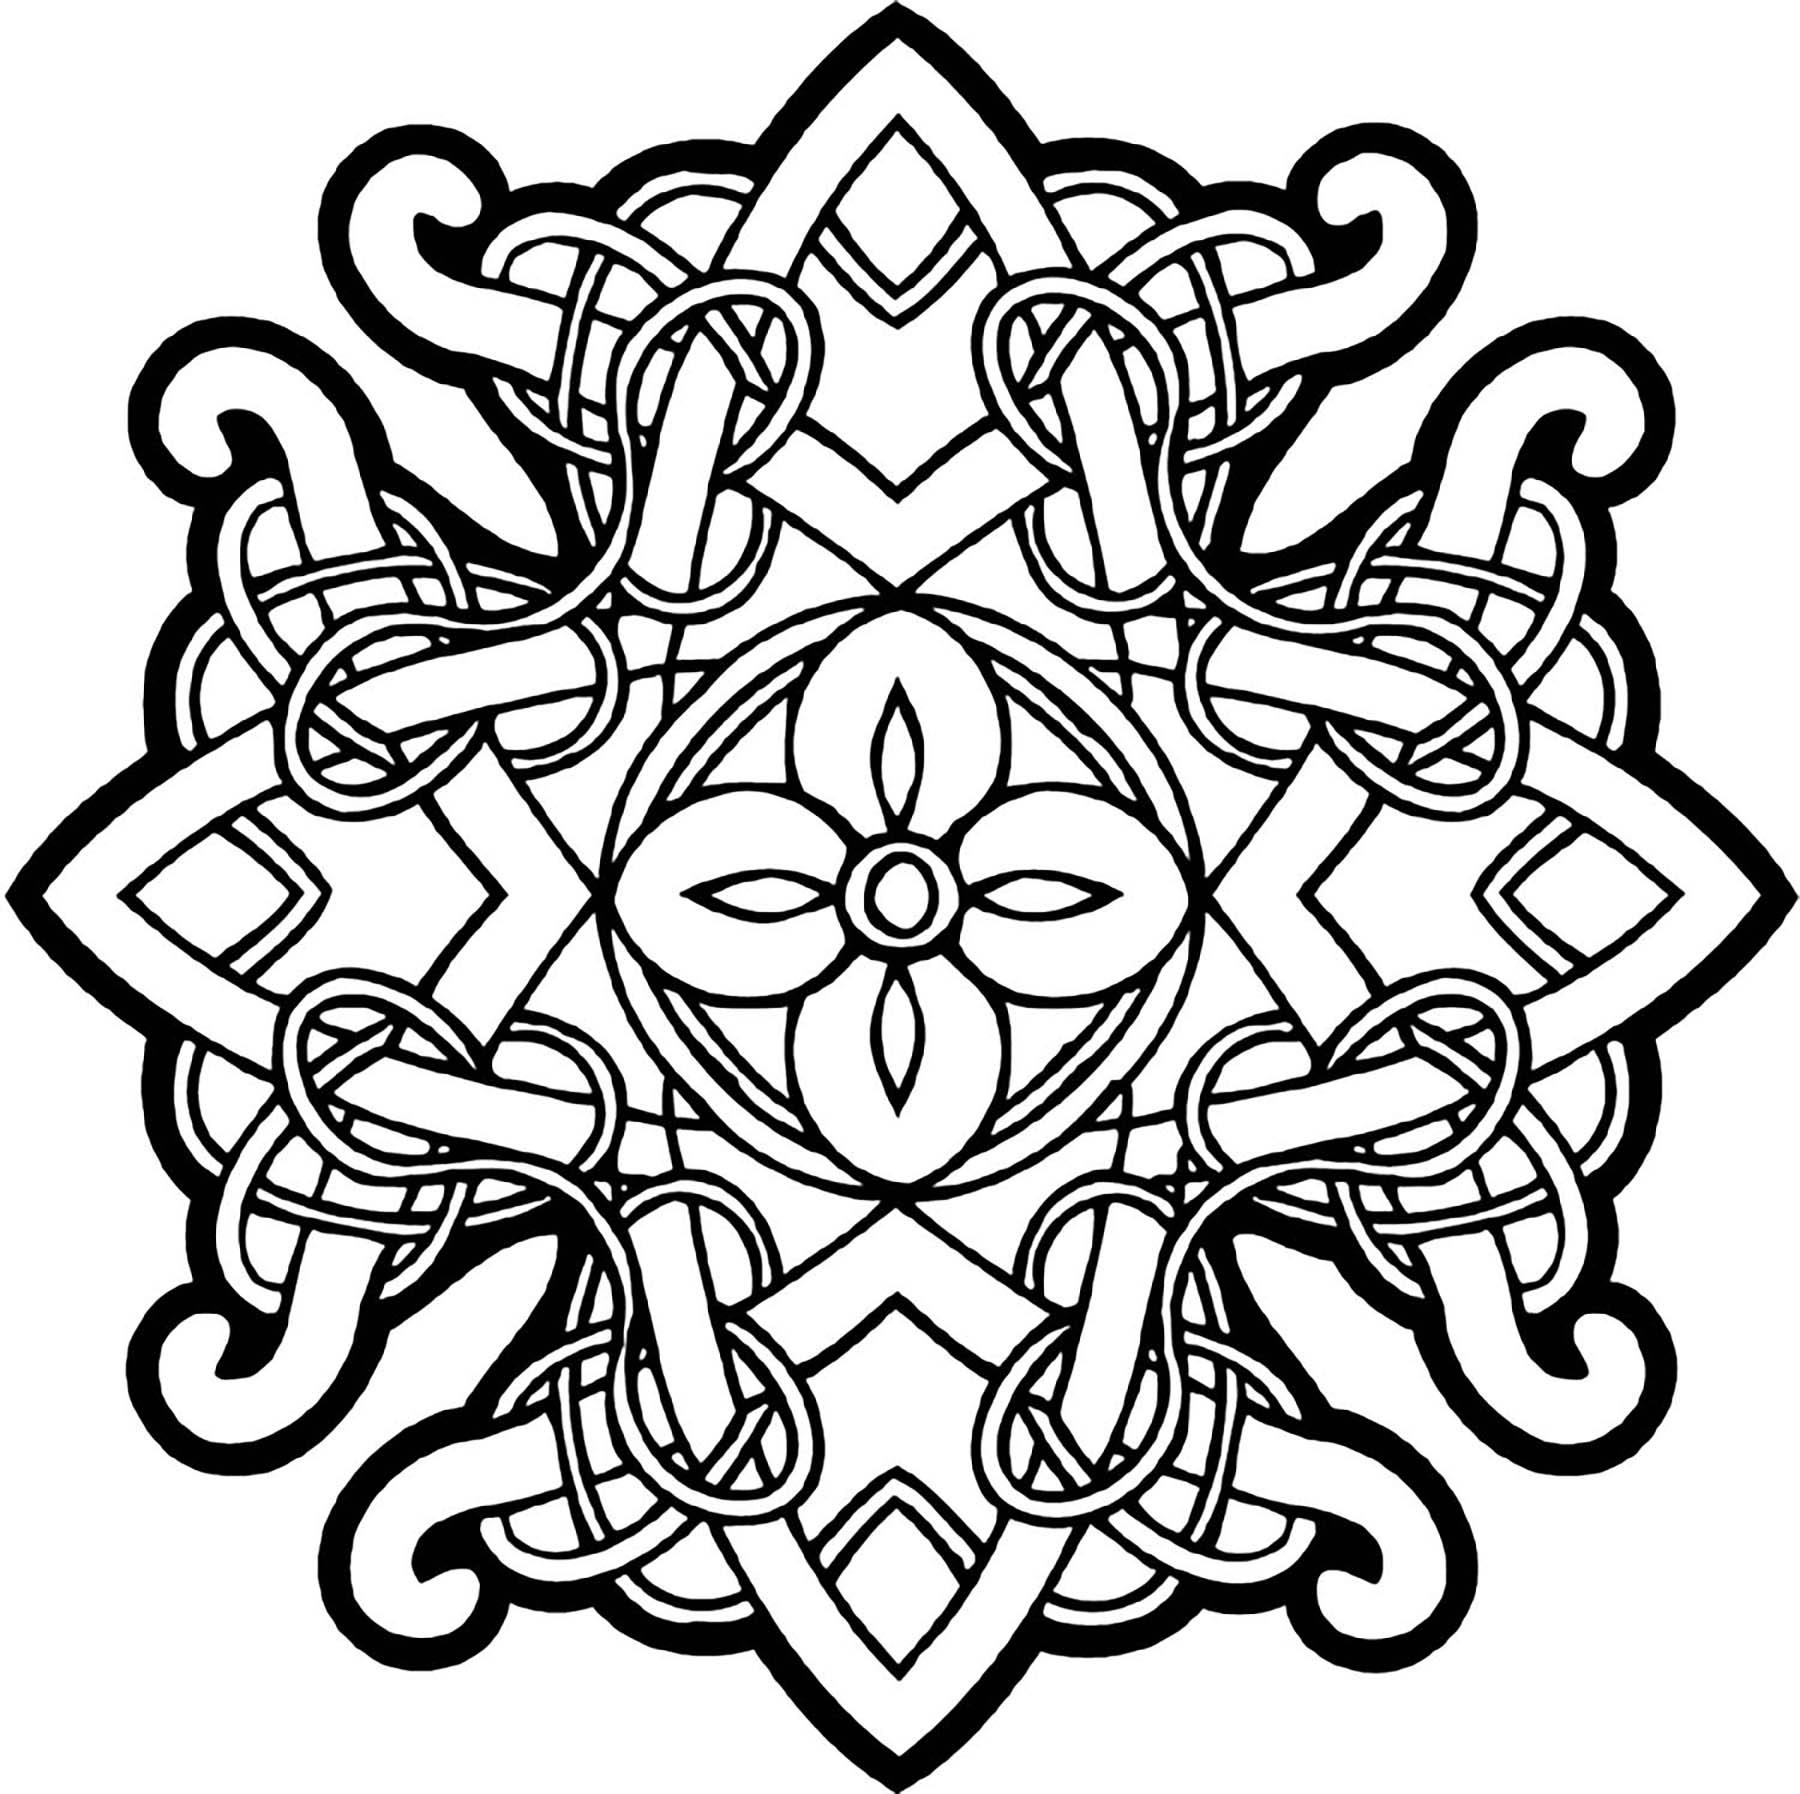 Mandala celtique 27 - Mandalas de difficulté normale - 100% Mandalas ...